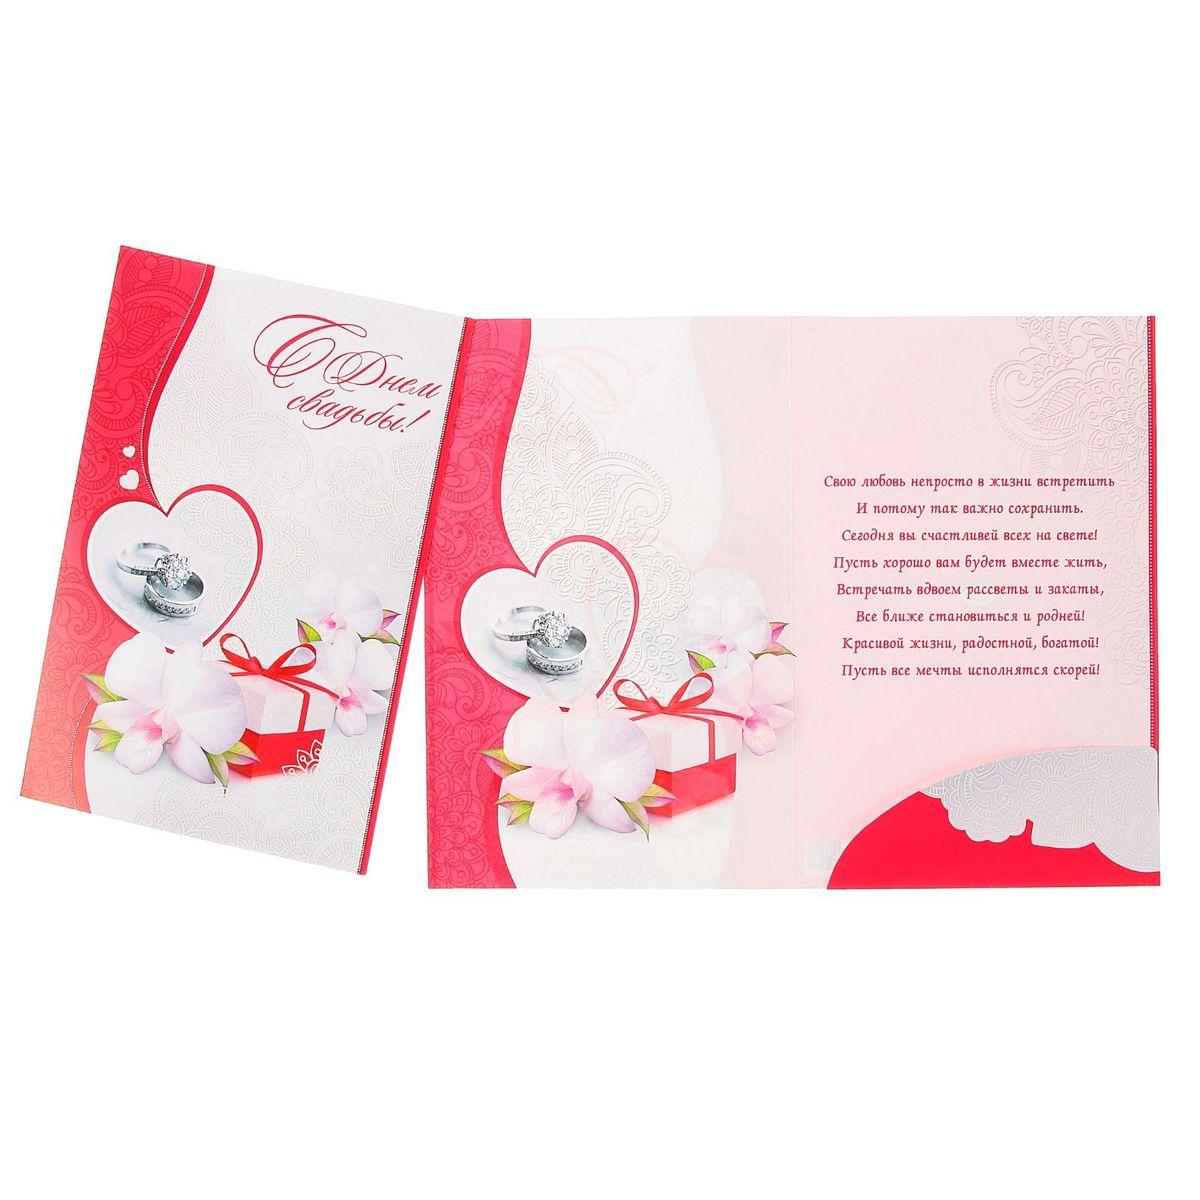 Открытка Мир открыток С Днем свадьбы! КольцаБрелок для сумкиЕсли вы хотите порадовать себя или близких, создать праздничное настроение и с улыбкой провести памятный день, то вы, несомненно, сделали правильный выбор! Открытка Мир открыток С Днем свадьбы! Кольца, выполненная из картона, отличается не только оригинальным дизайном, но и высоким качеством.Лицевая сторона изделия оформлена красивым изображением колец и цветов, а также изысканным узором. Внутри открытка содержит текст с поздравлением и карман для денег.Такая открытка непременно порадует получателя и станет отличным напоминанием о проведенном вместе времени.